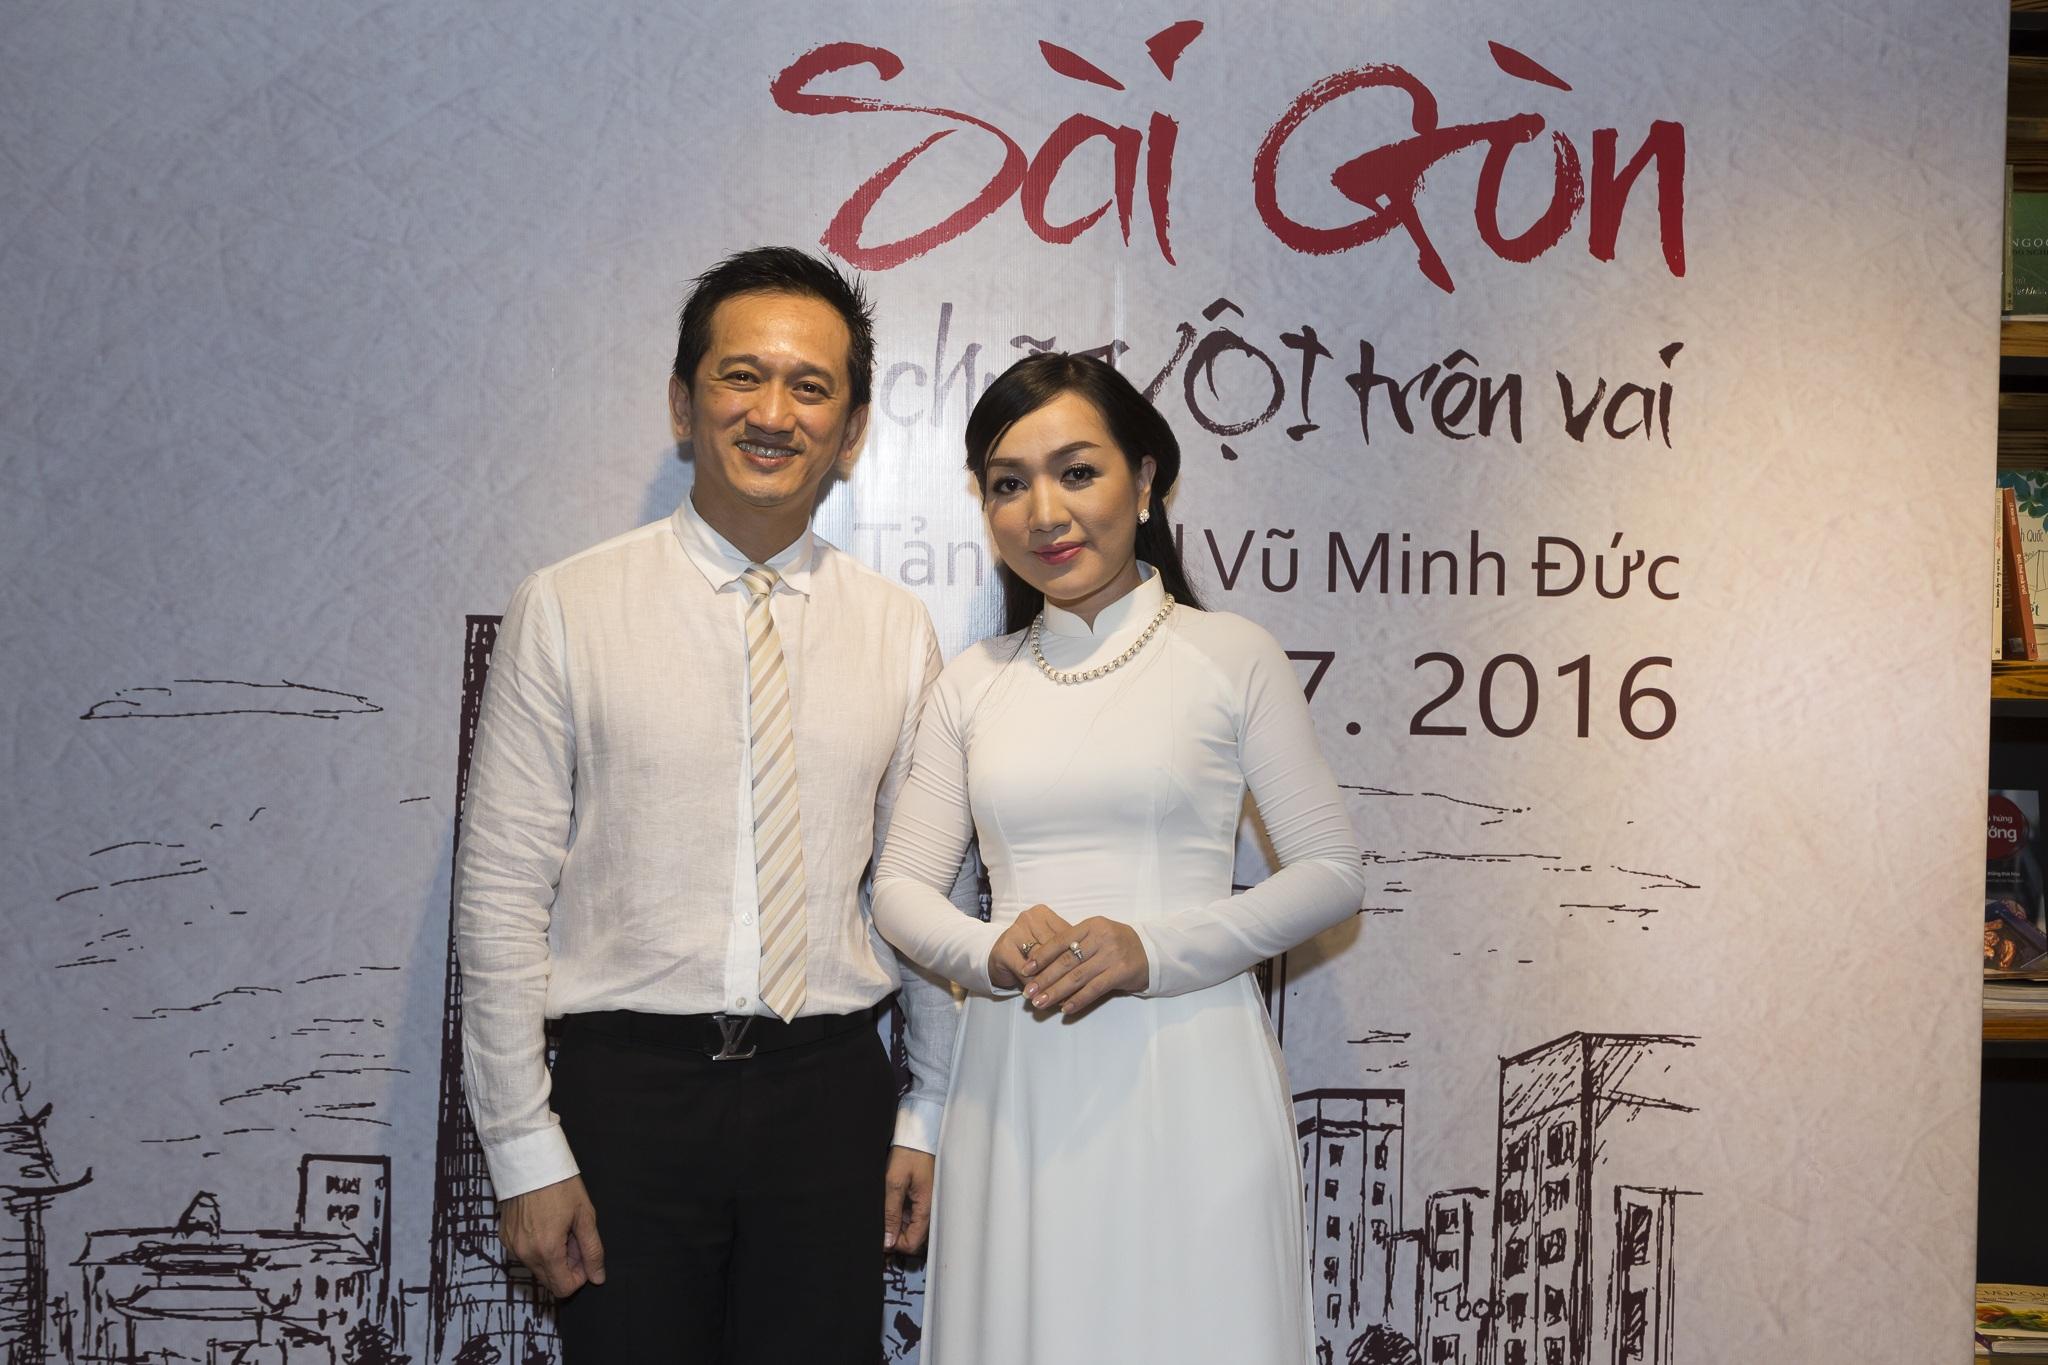 Ca sĩ Hà Vân cũng đến chúc mừng tác giả Vũ Minh Đức và còn thể hiện ca khúc về mẹ - những sáng tác của tác giả Minh Đức